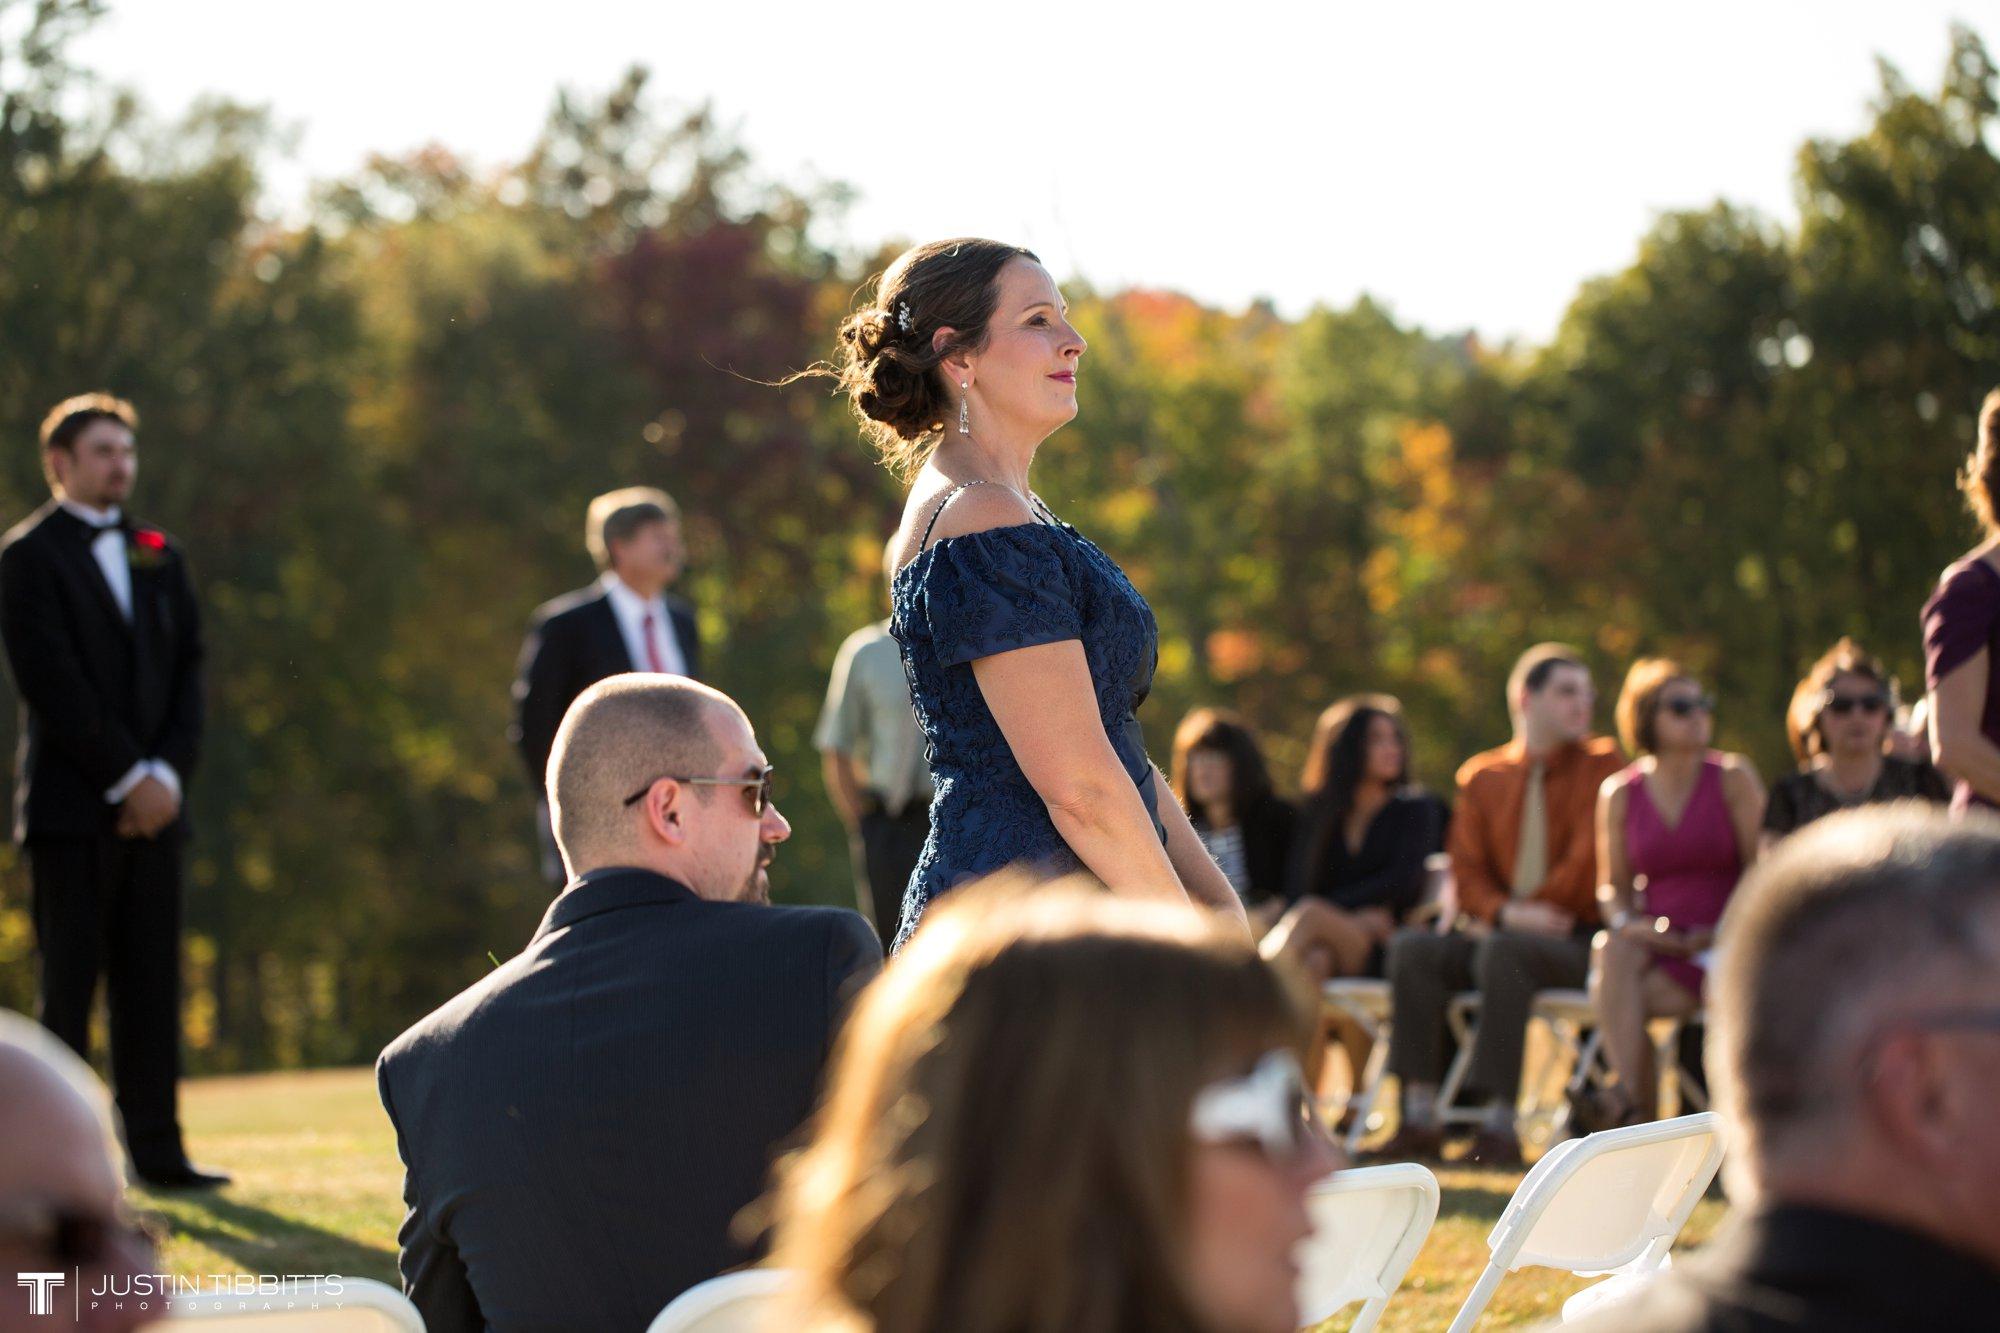 Albany NY Wedding Photographer Justin Tibbitts Photography 2014 Best of Albany NY Weddings-1692513815